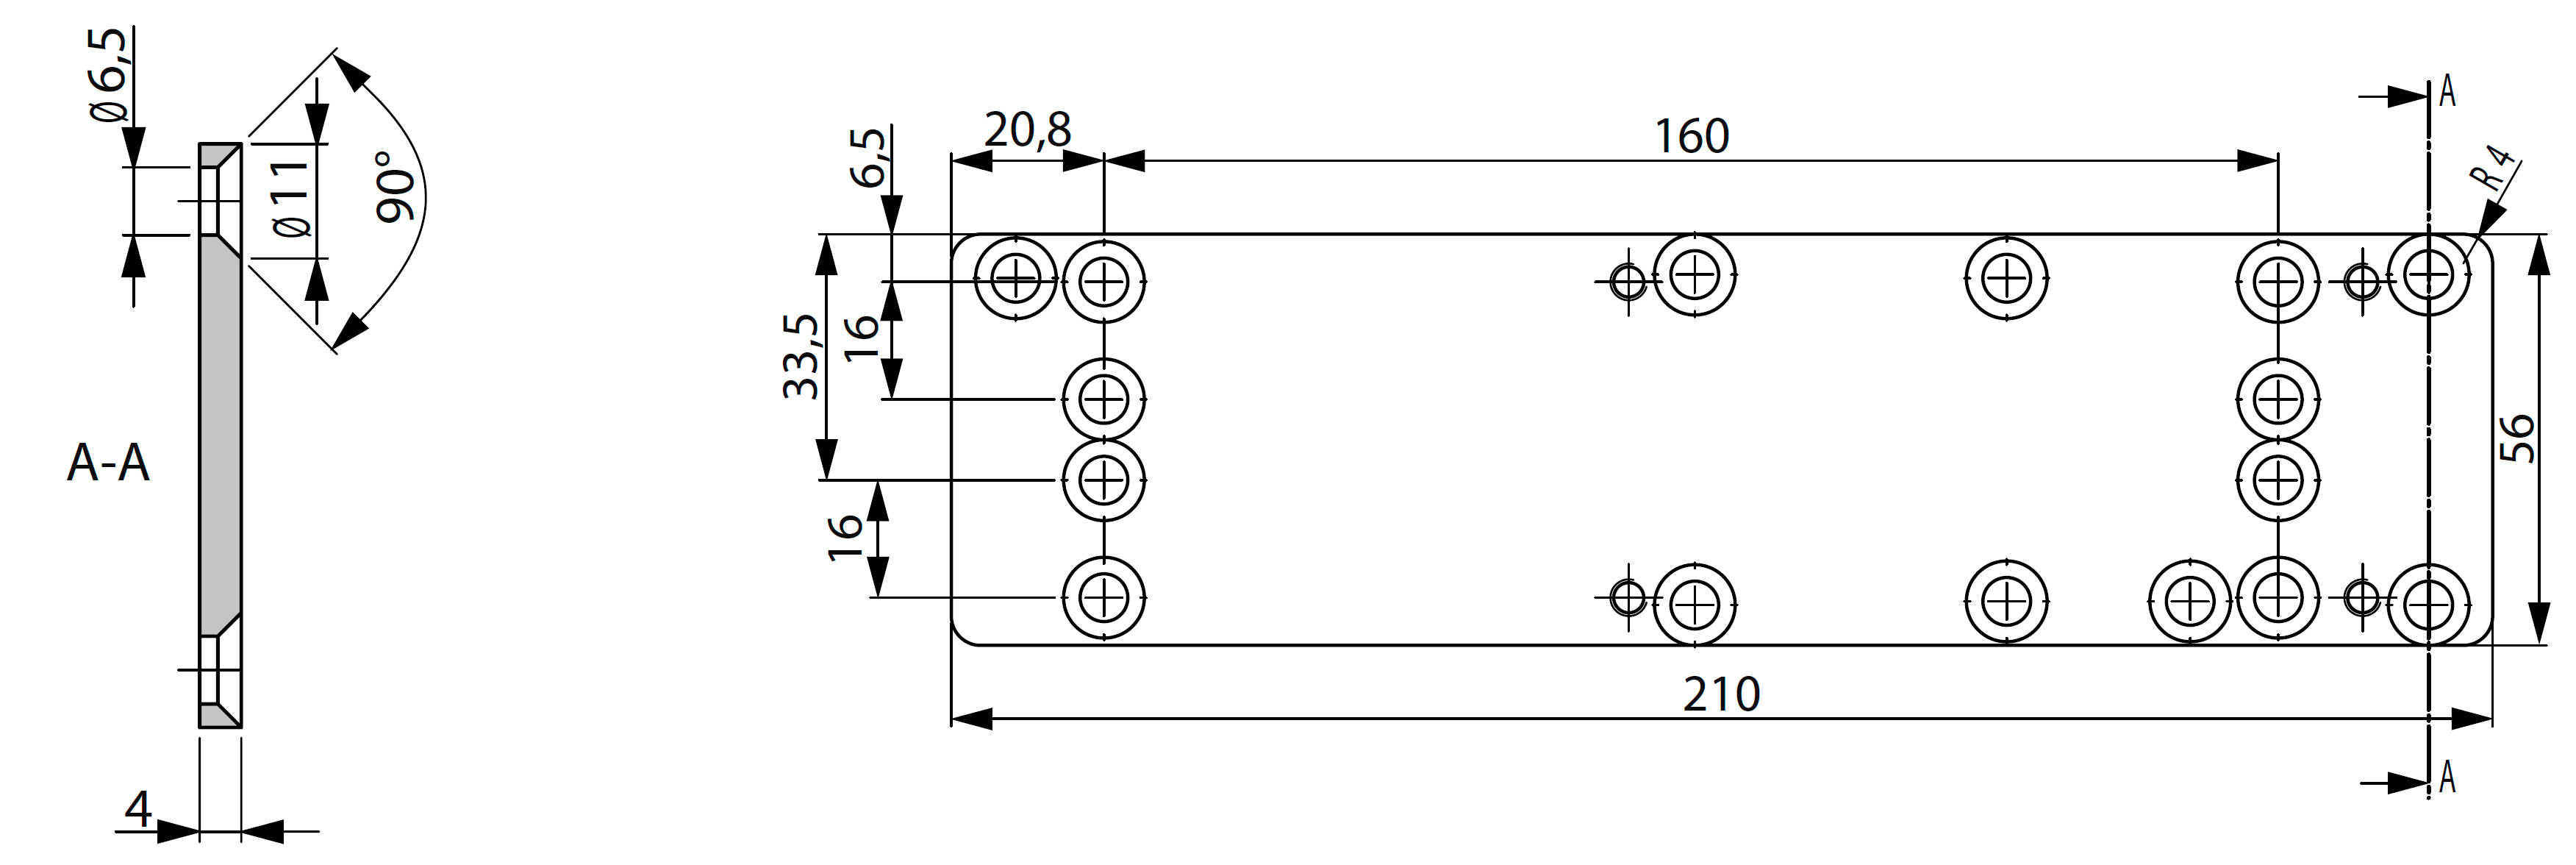 Монтажная пластина A124 Для монтажа доводчика на место ранее уставленного, в том числе не ASSA ABLOY